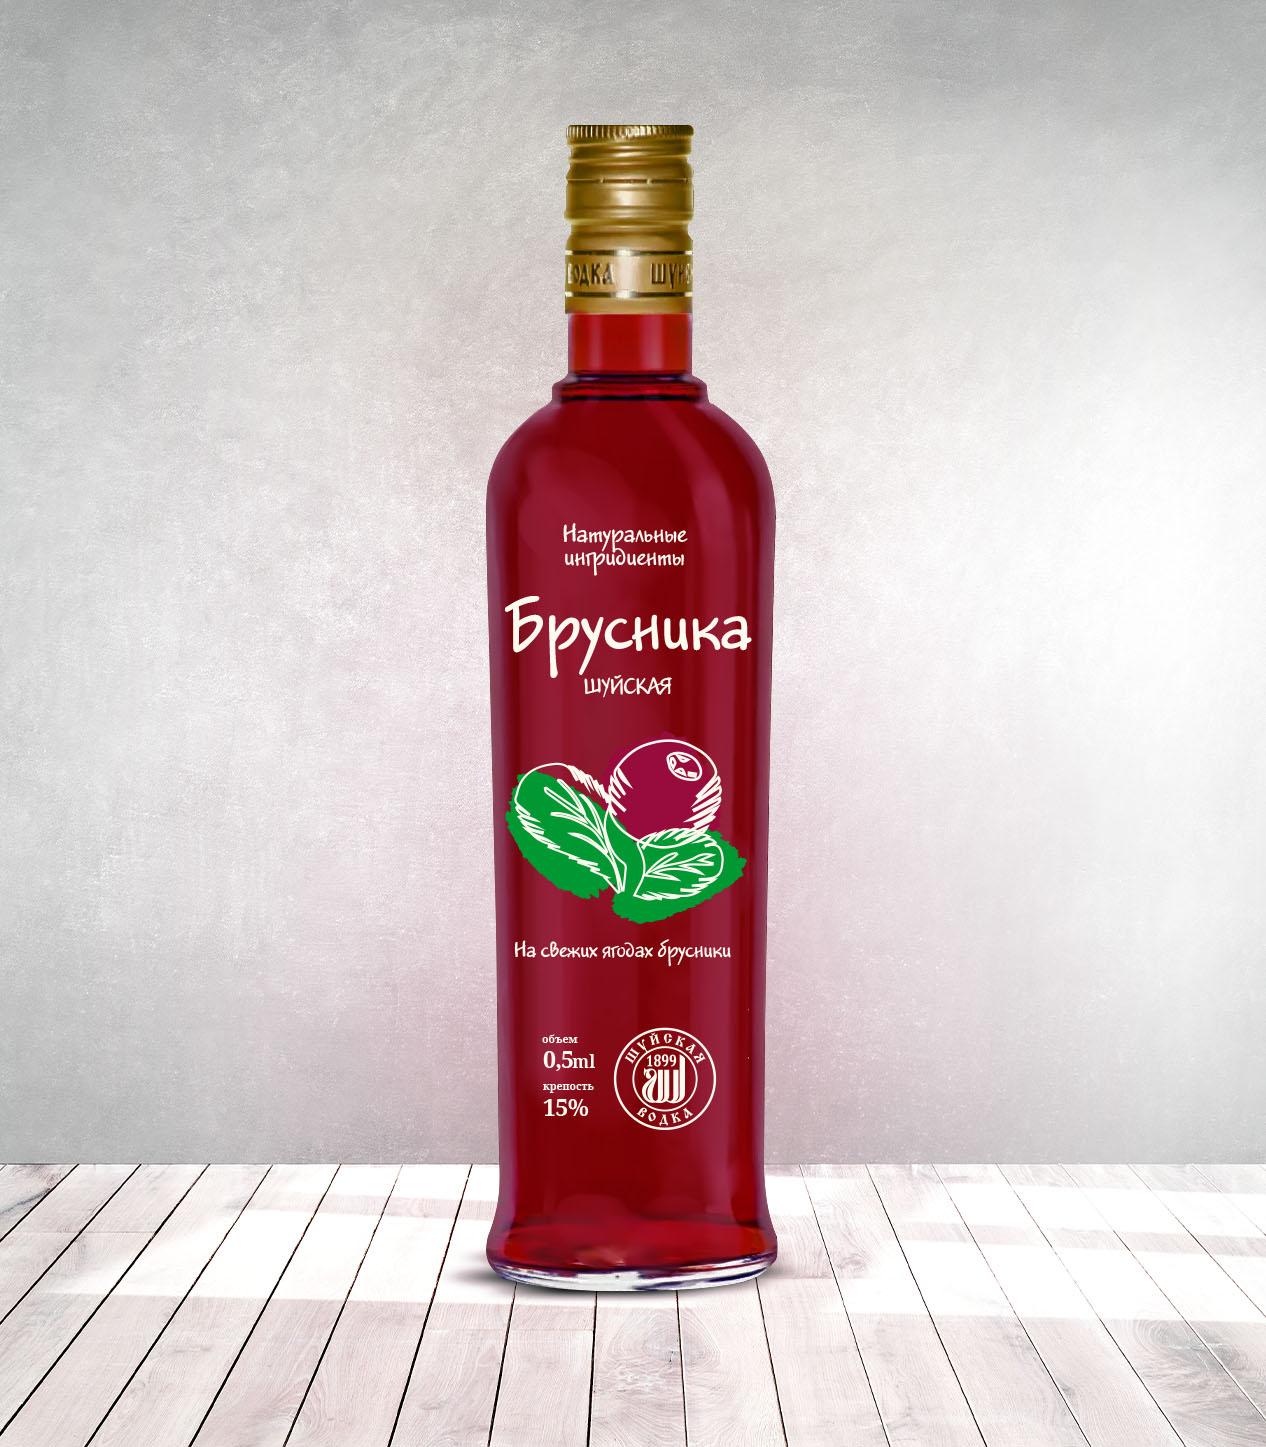 Дизайн этикетки алкогольного продукта (сладкая настойка) фото f_4615f88302c7ec41.jpg